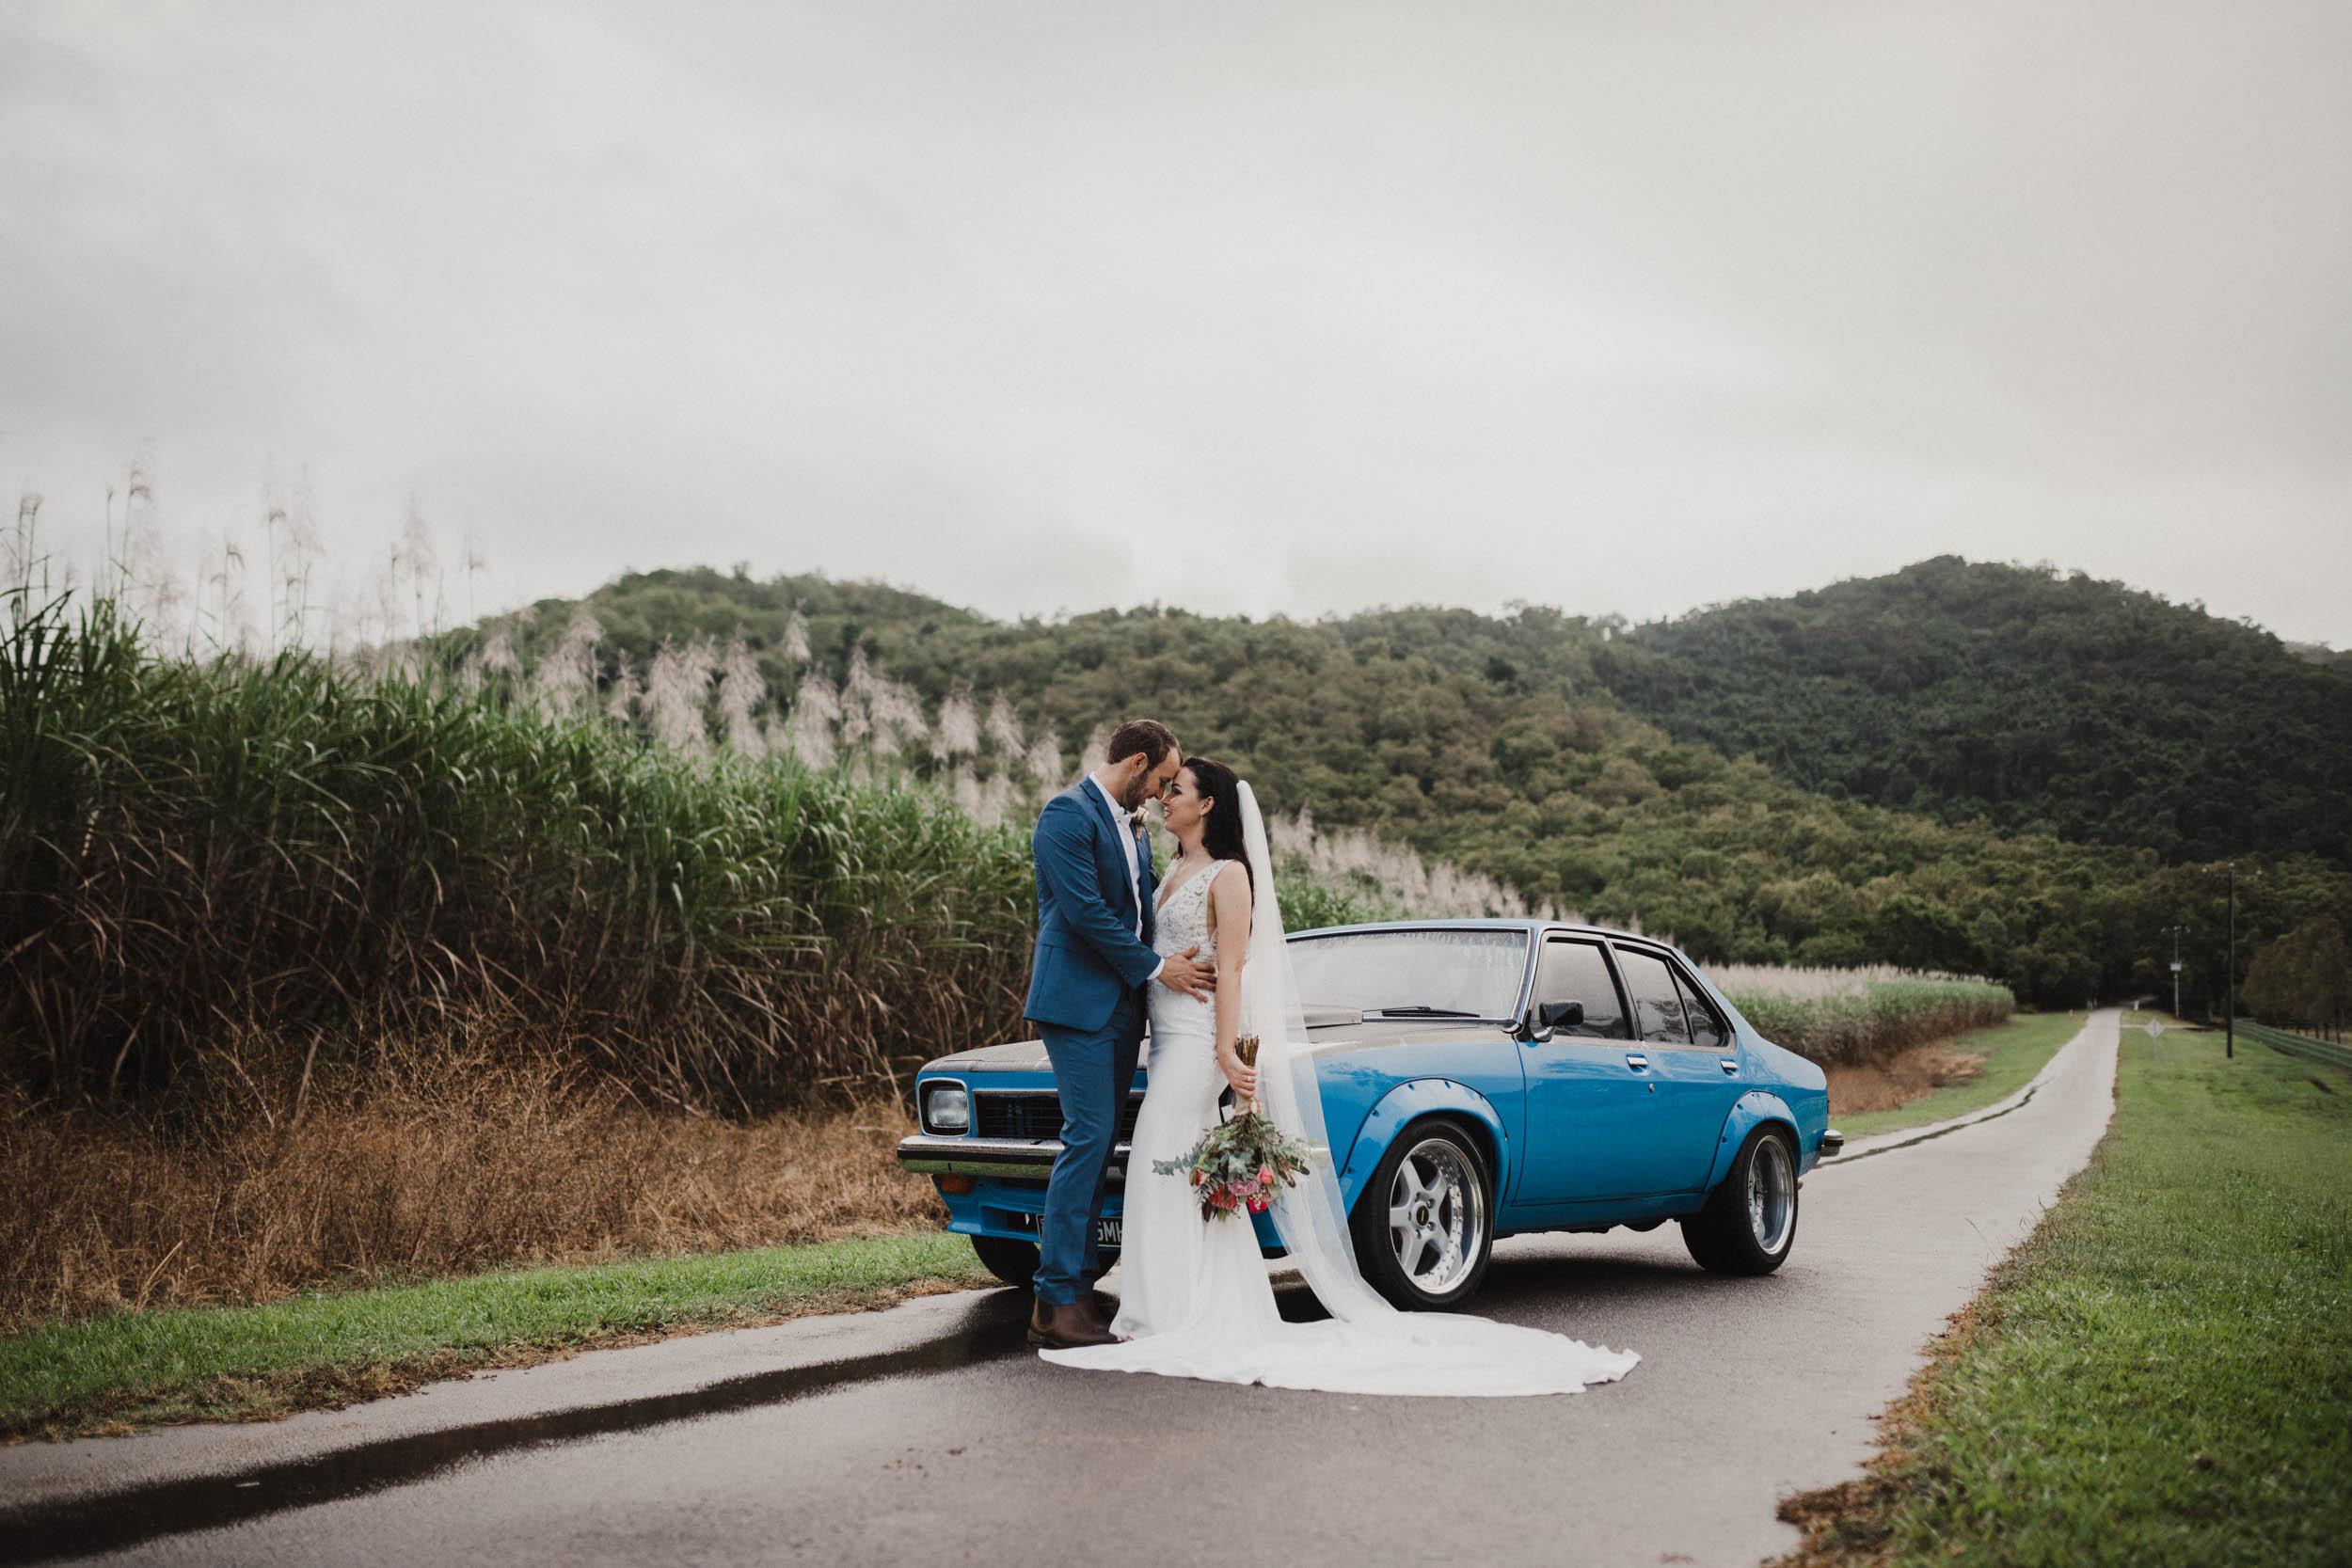 The Raw Photographer - Port Douglas Wedding Photographer - St Mary Church - Cairns Beach Photos-52.jpg